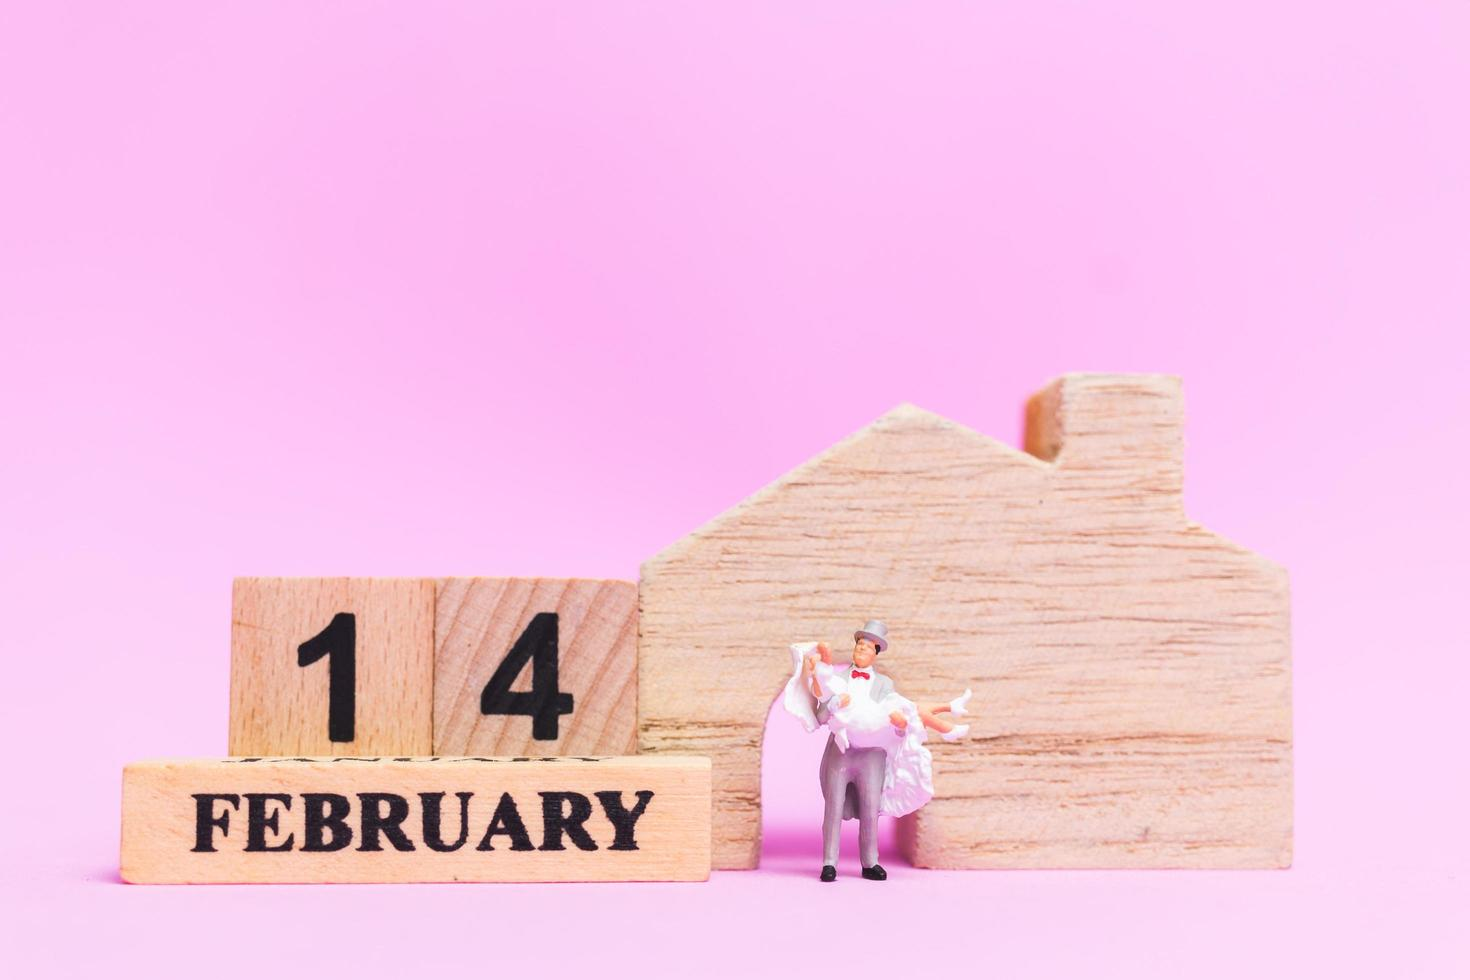 miniatuur bruiloft van een bruid en bruidegom paar op een roze achtergrond, Valentijnsdag concept foto